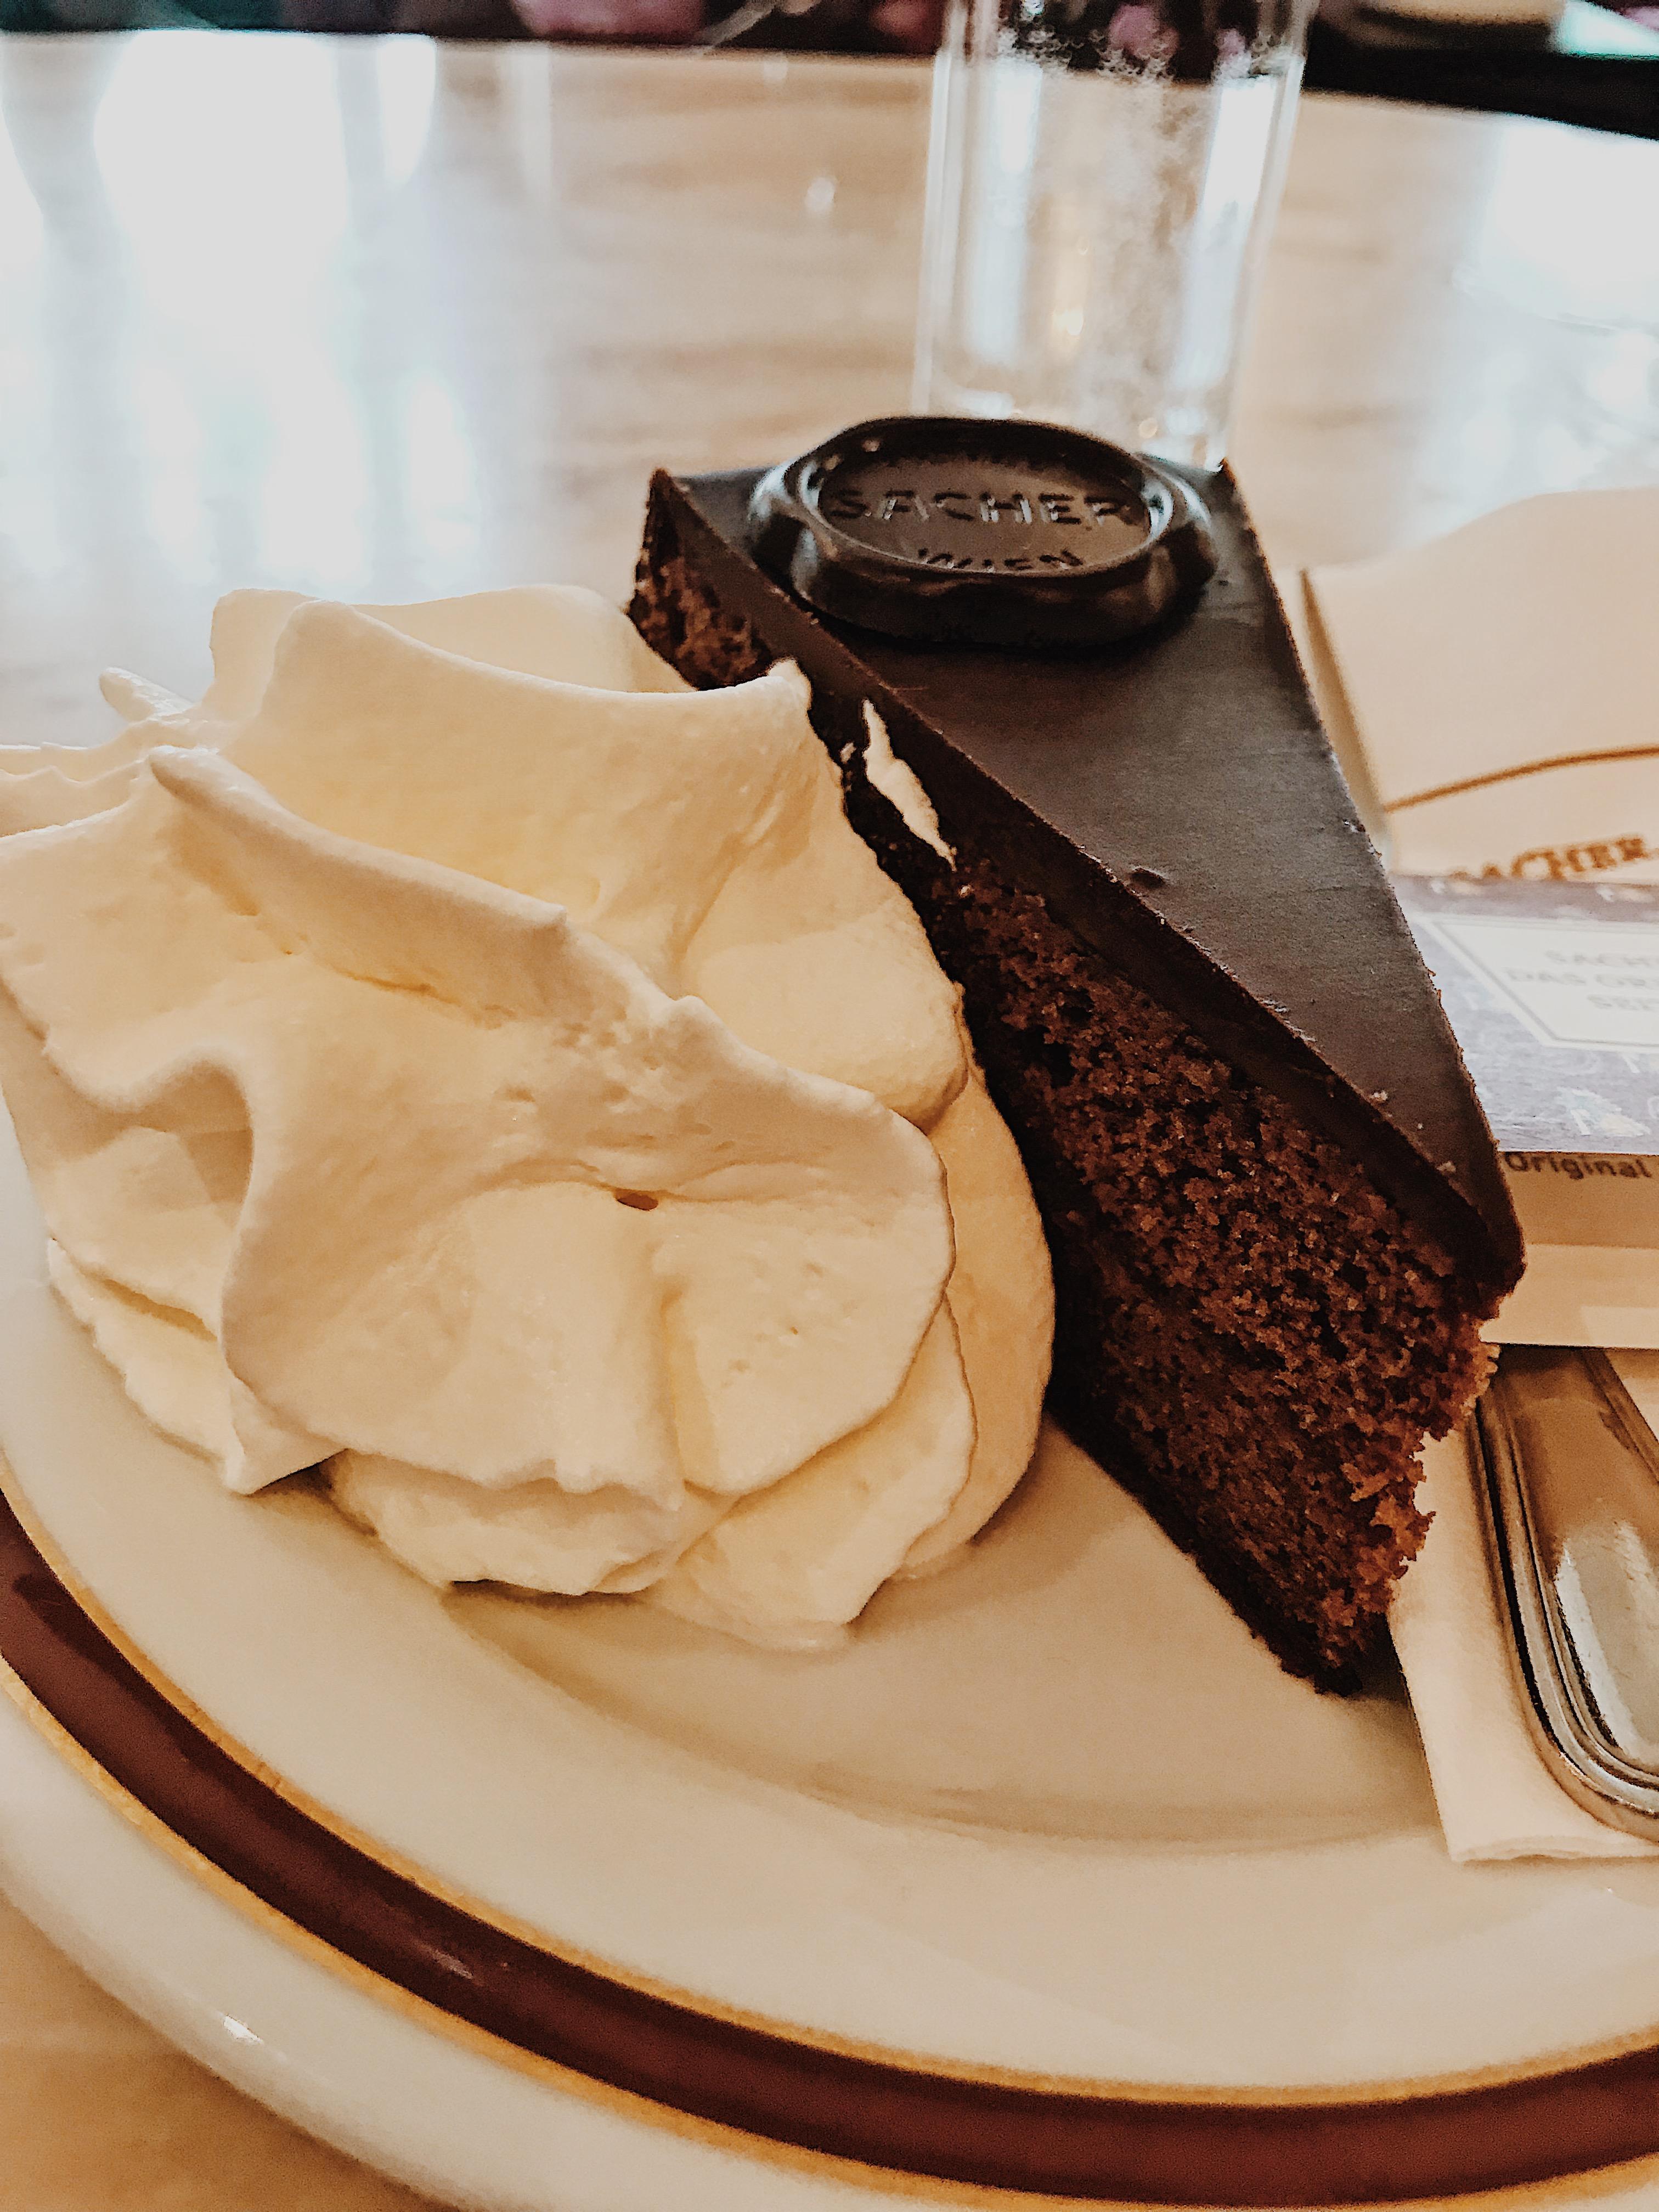 The Original Sacher Torte in Salzburg's Sacher Cafe